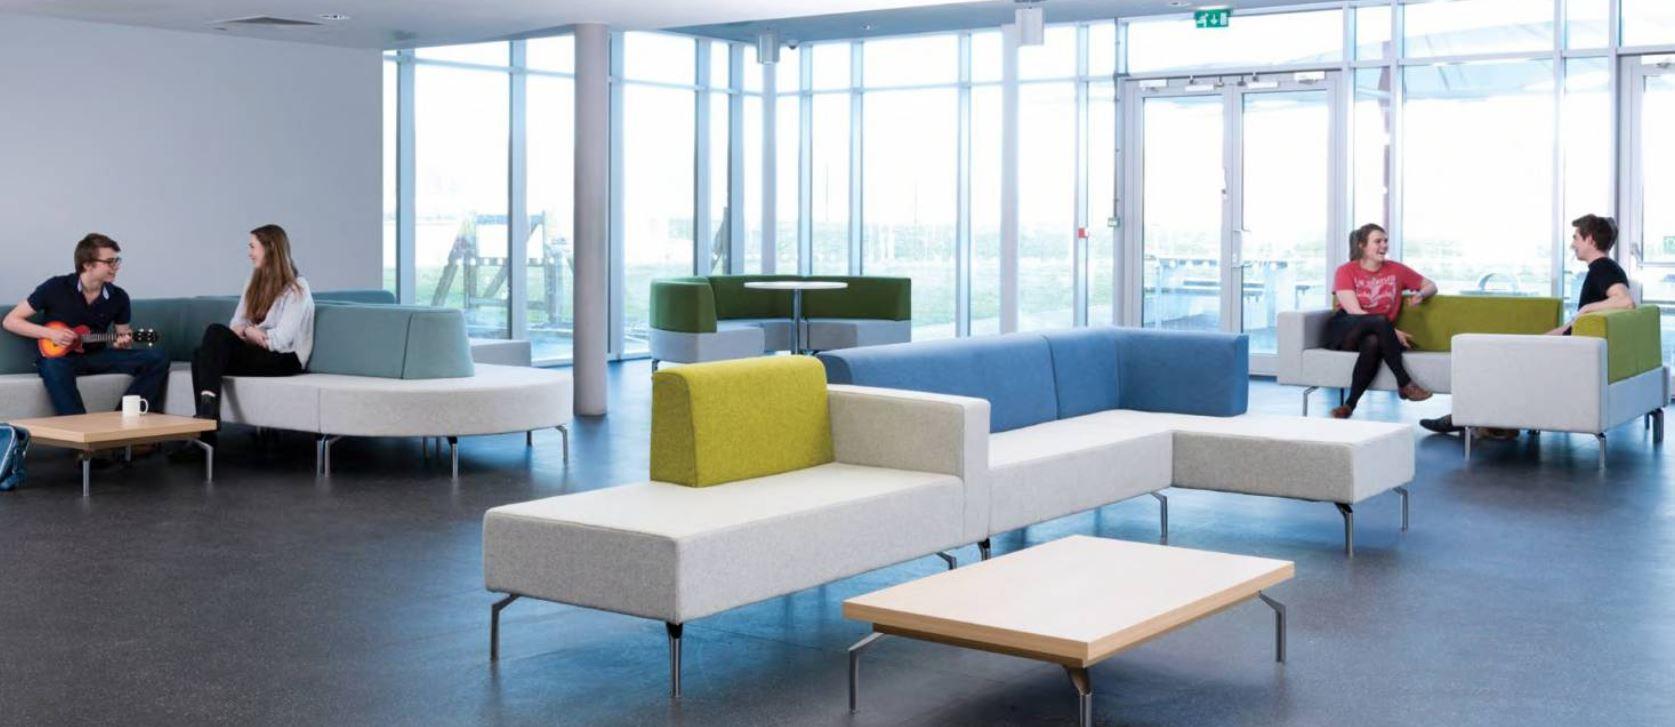 Skyline Modular Seating Two Tone Fabric In Situ